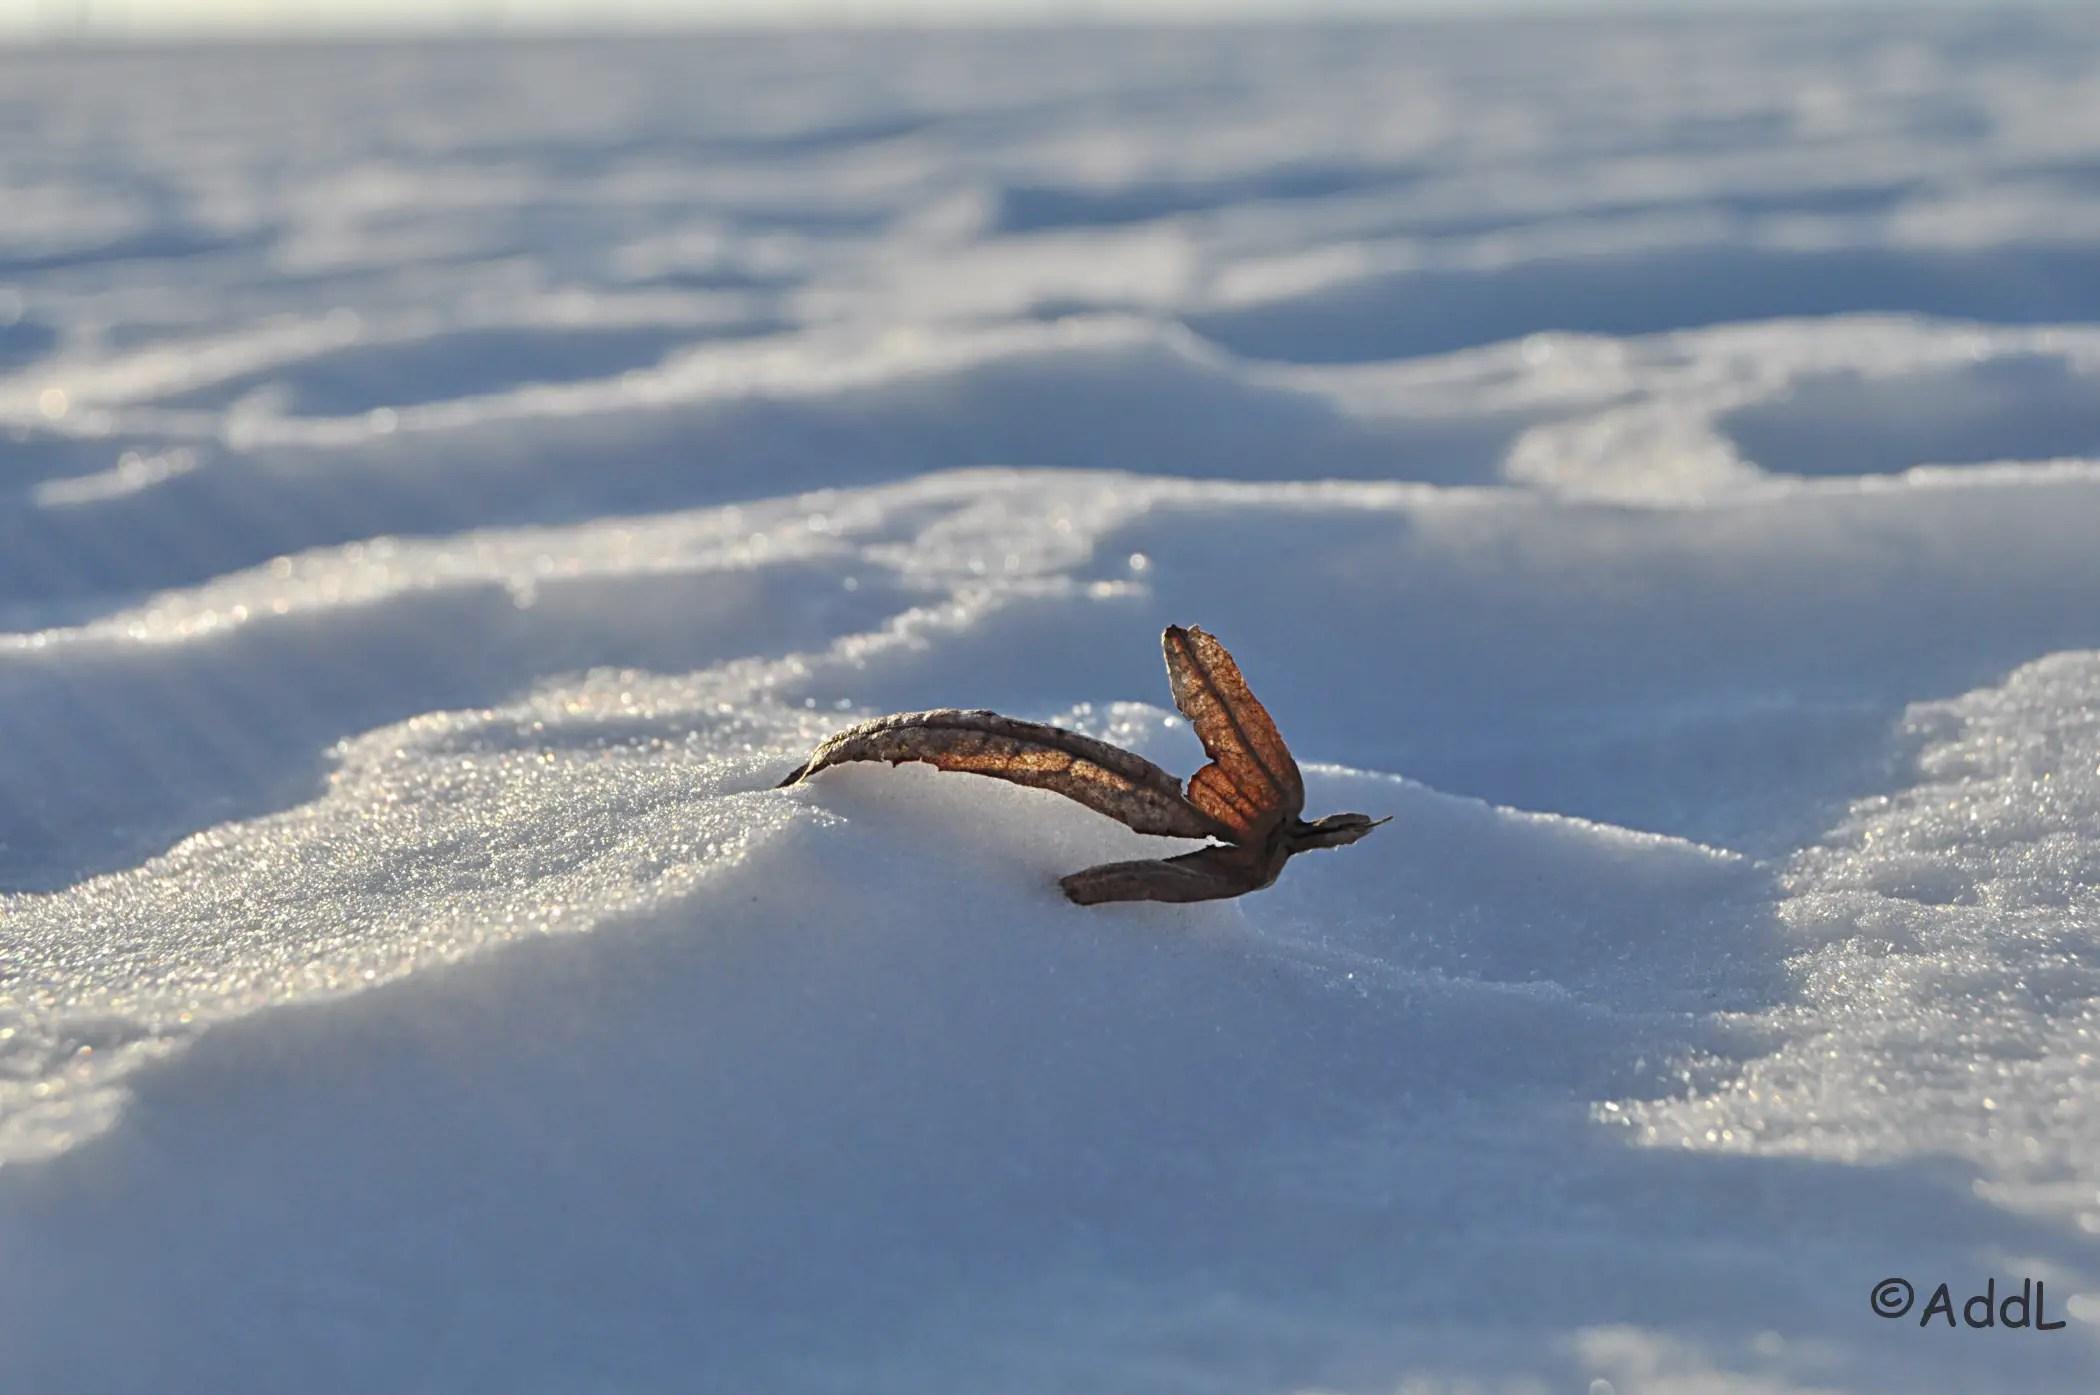 Blatt im Schnee.